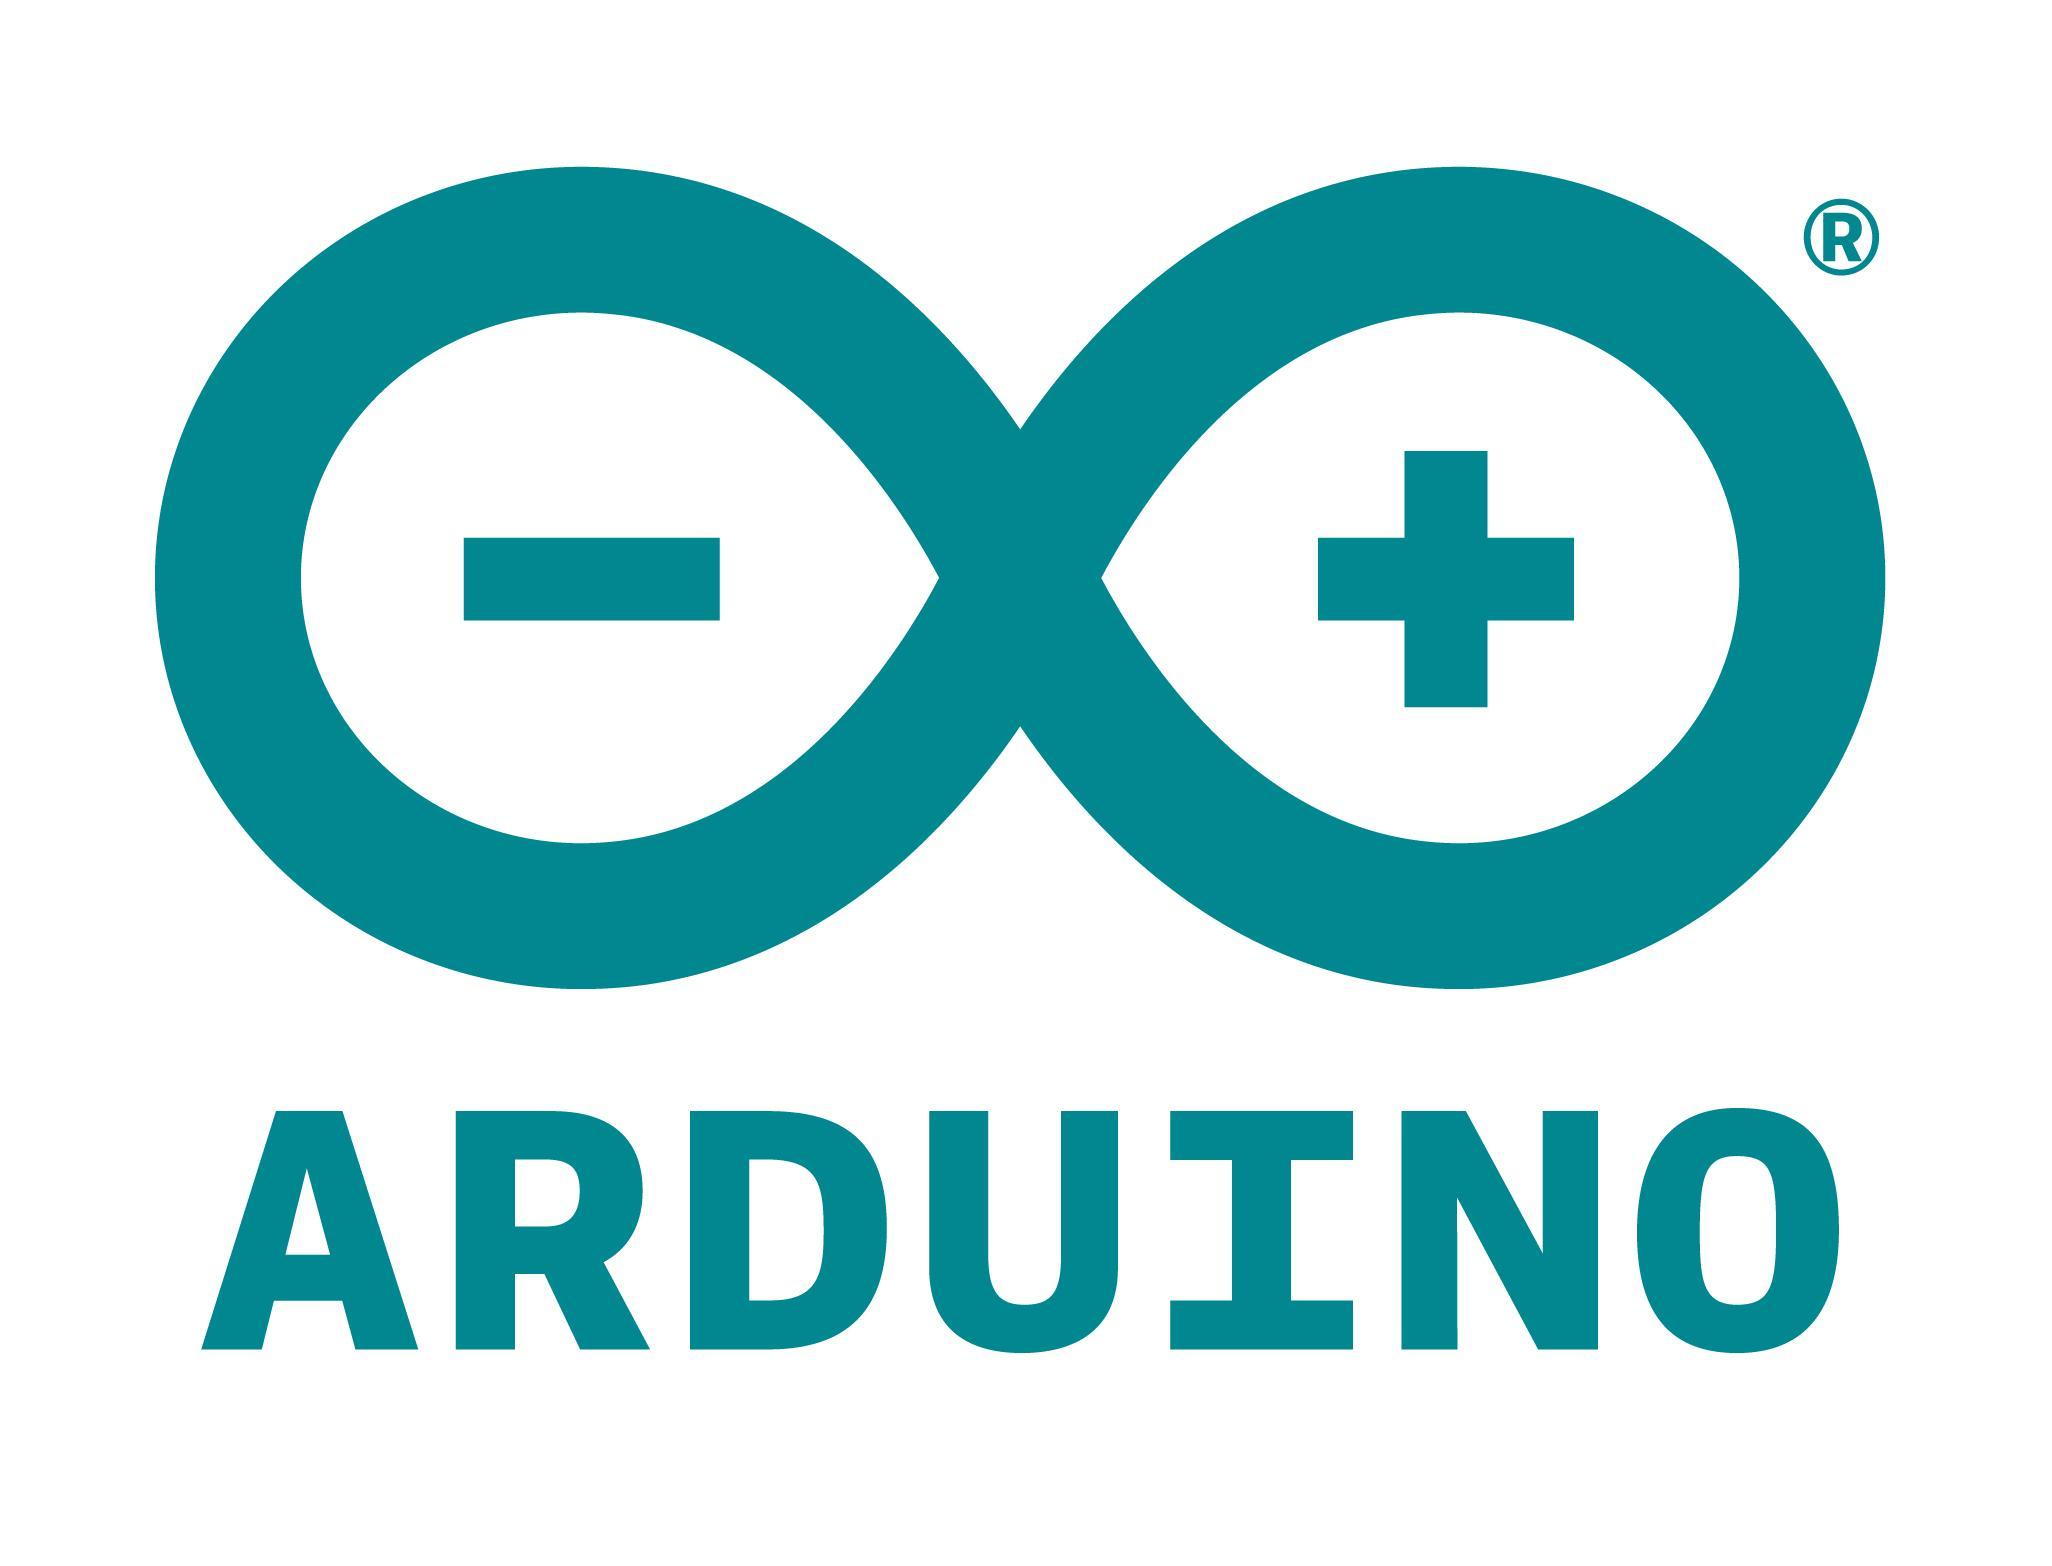 Costruisci il tuo futuro con MATLAB e l'Arduino Engineering Kit